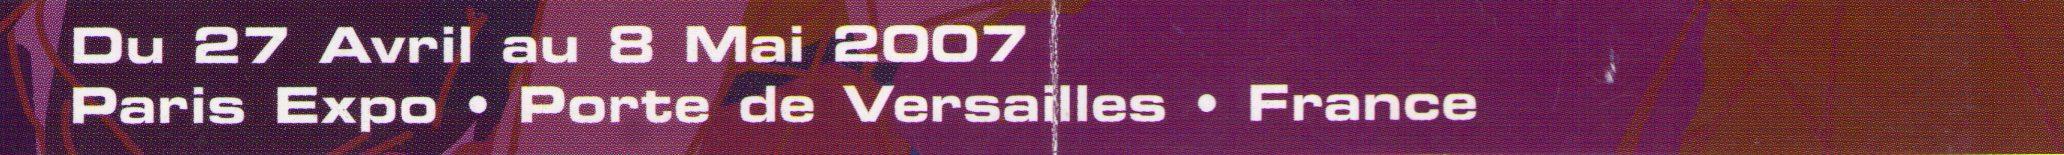 Wladimir2007_Paris_01